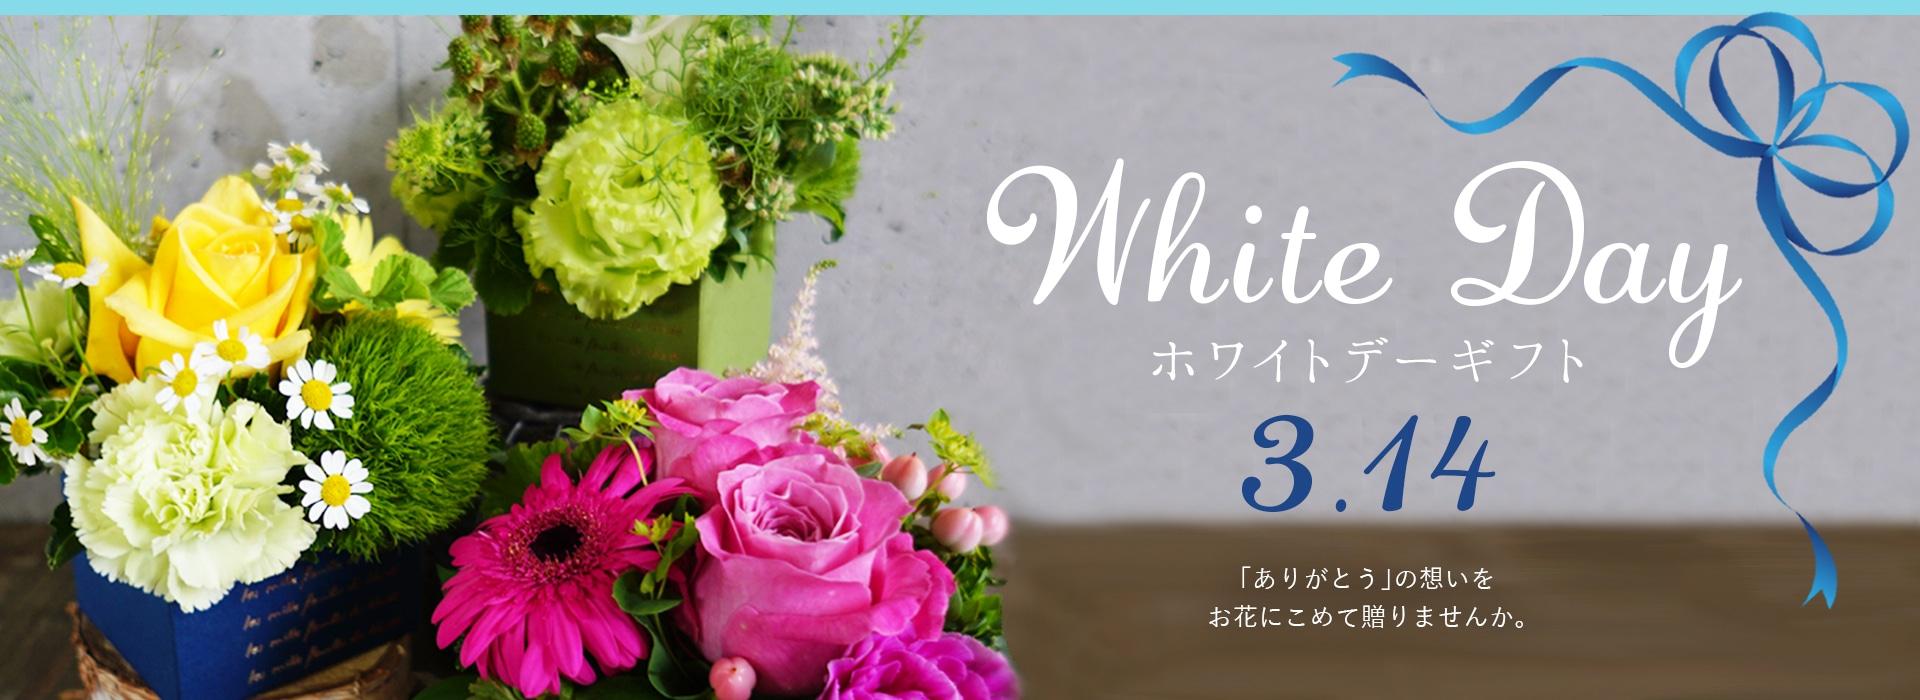 3/14,ホワイトデー,フラワーギフト,お返し